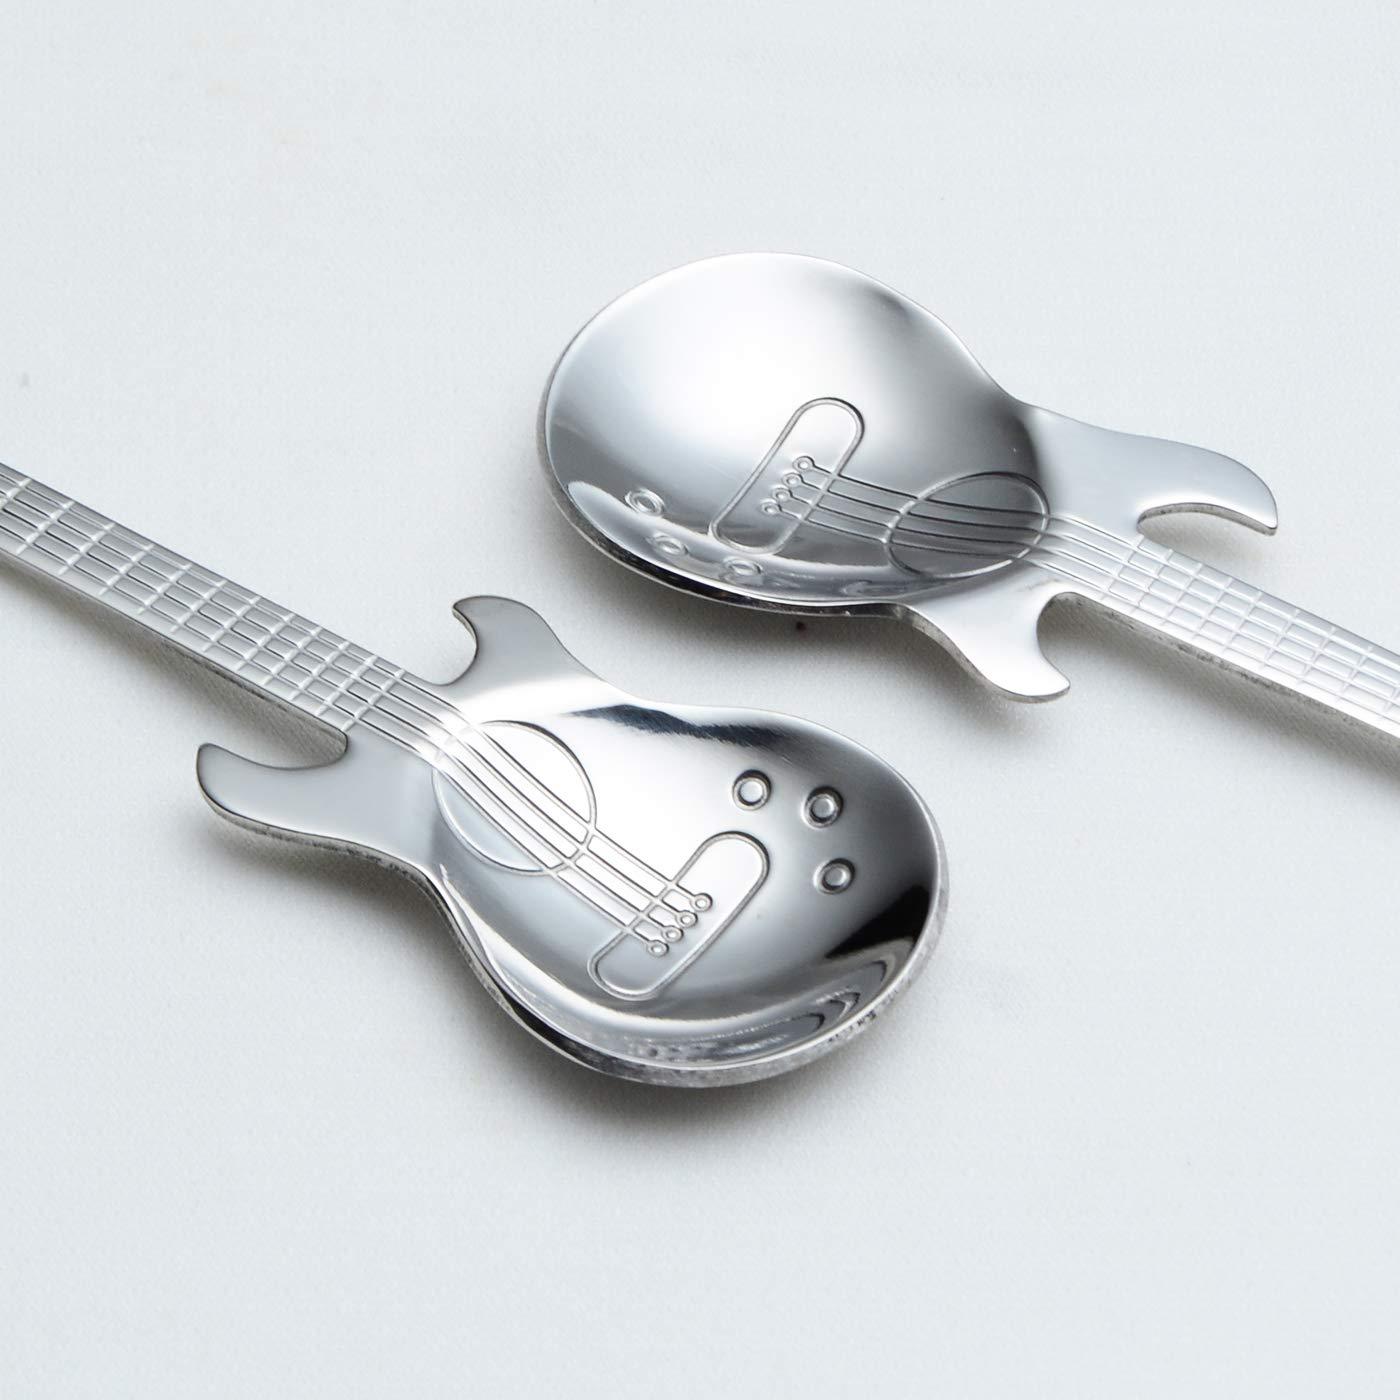 Amazon.com: IRONX - Juego de 6 cucharas de café para ...